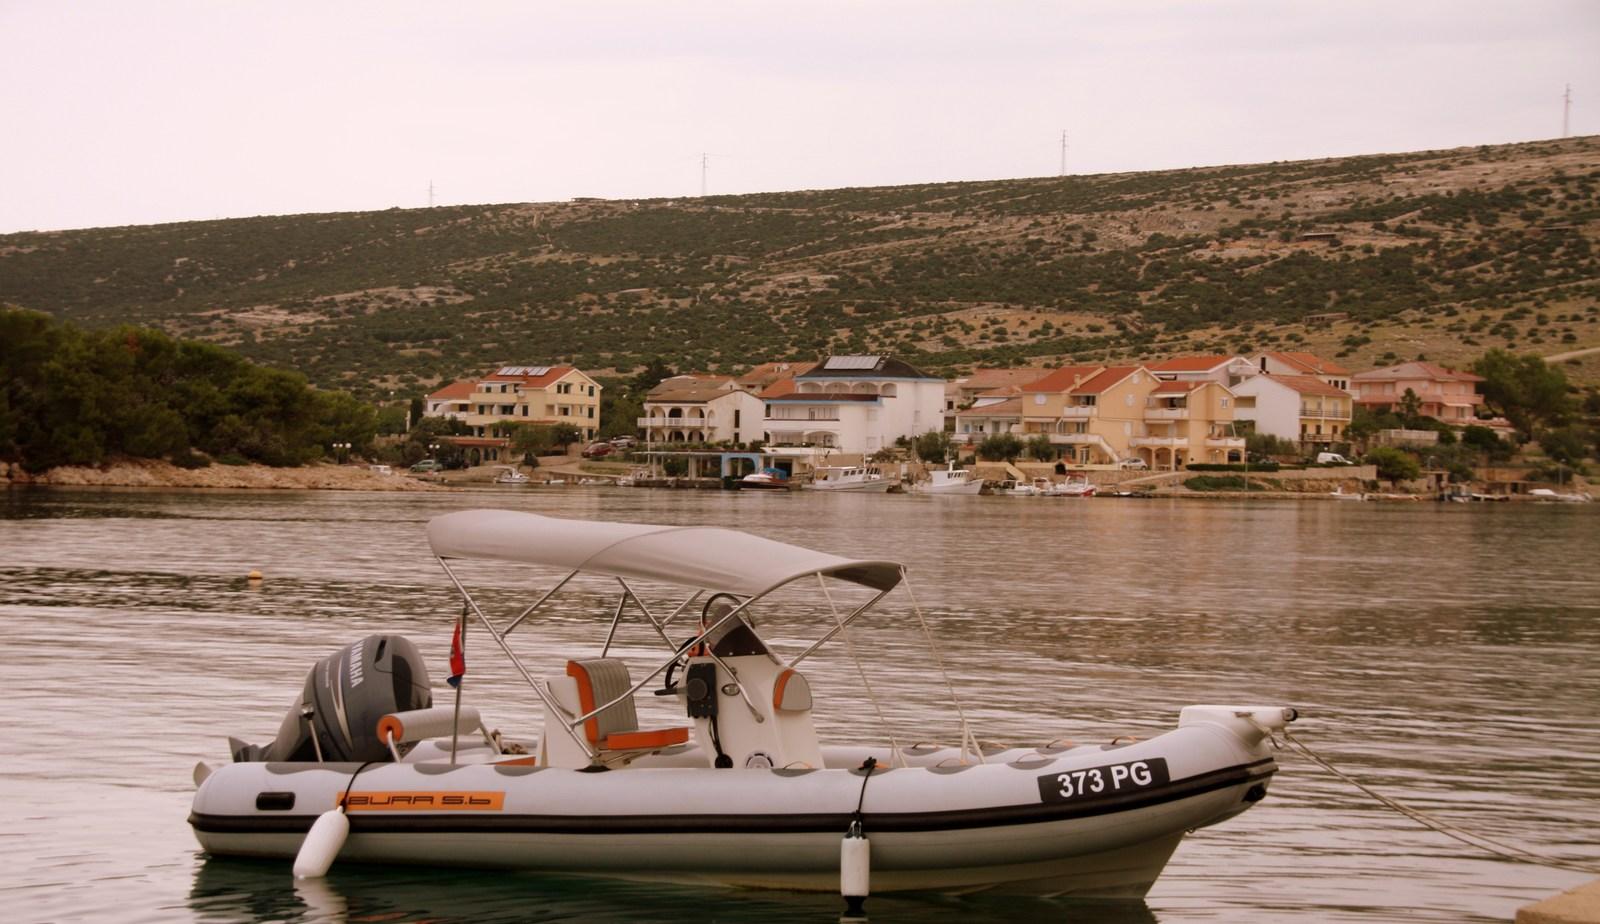 čolniček